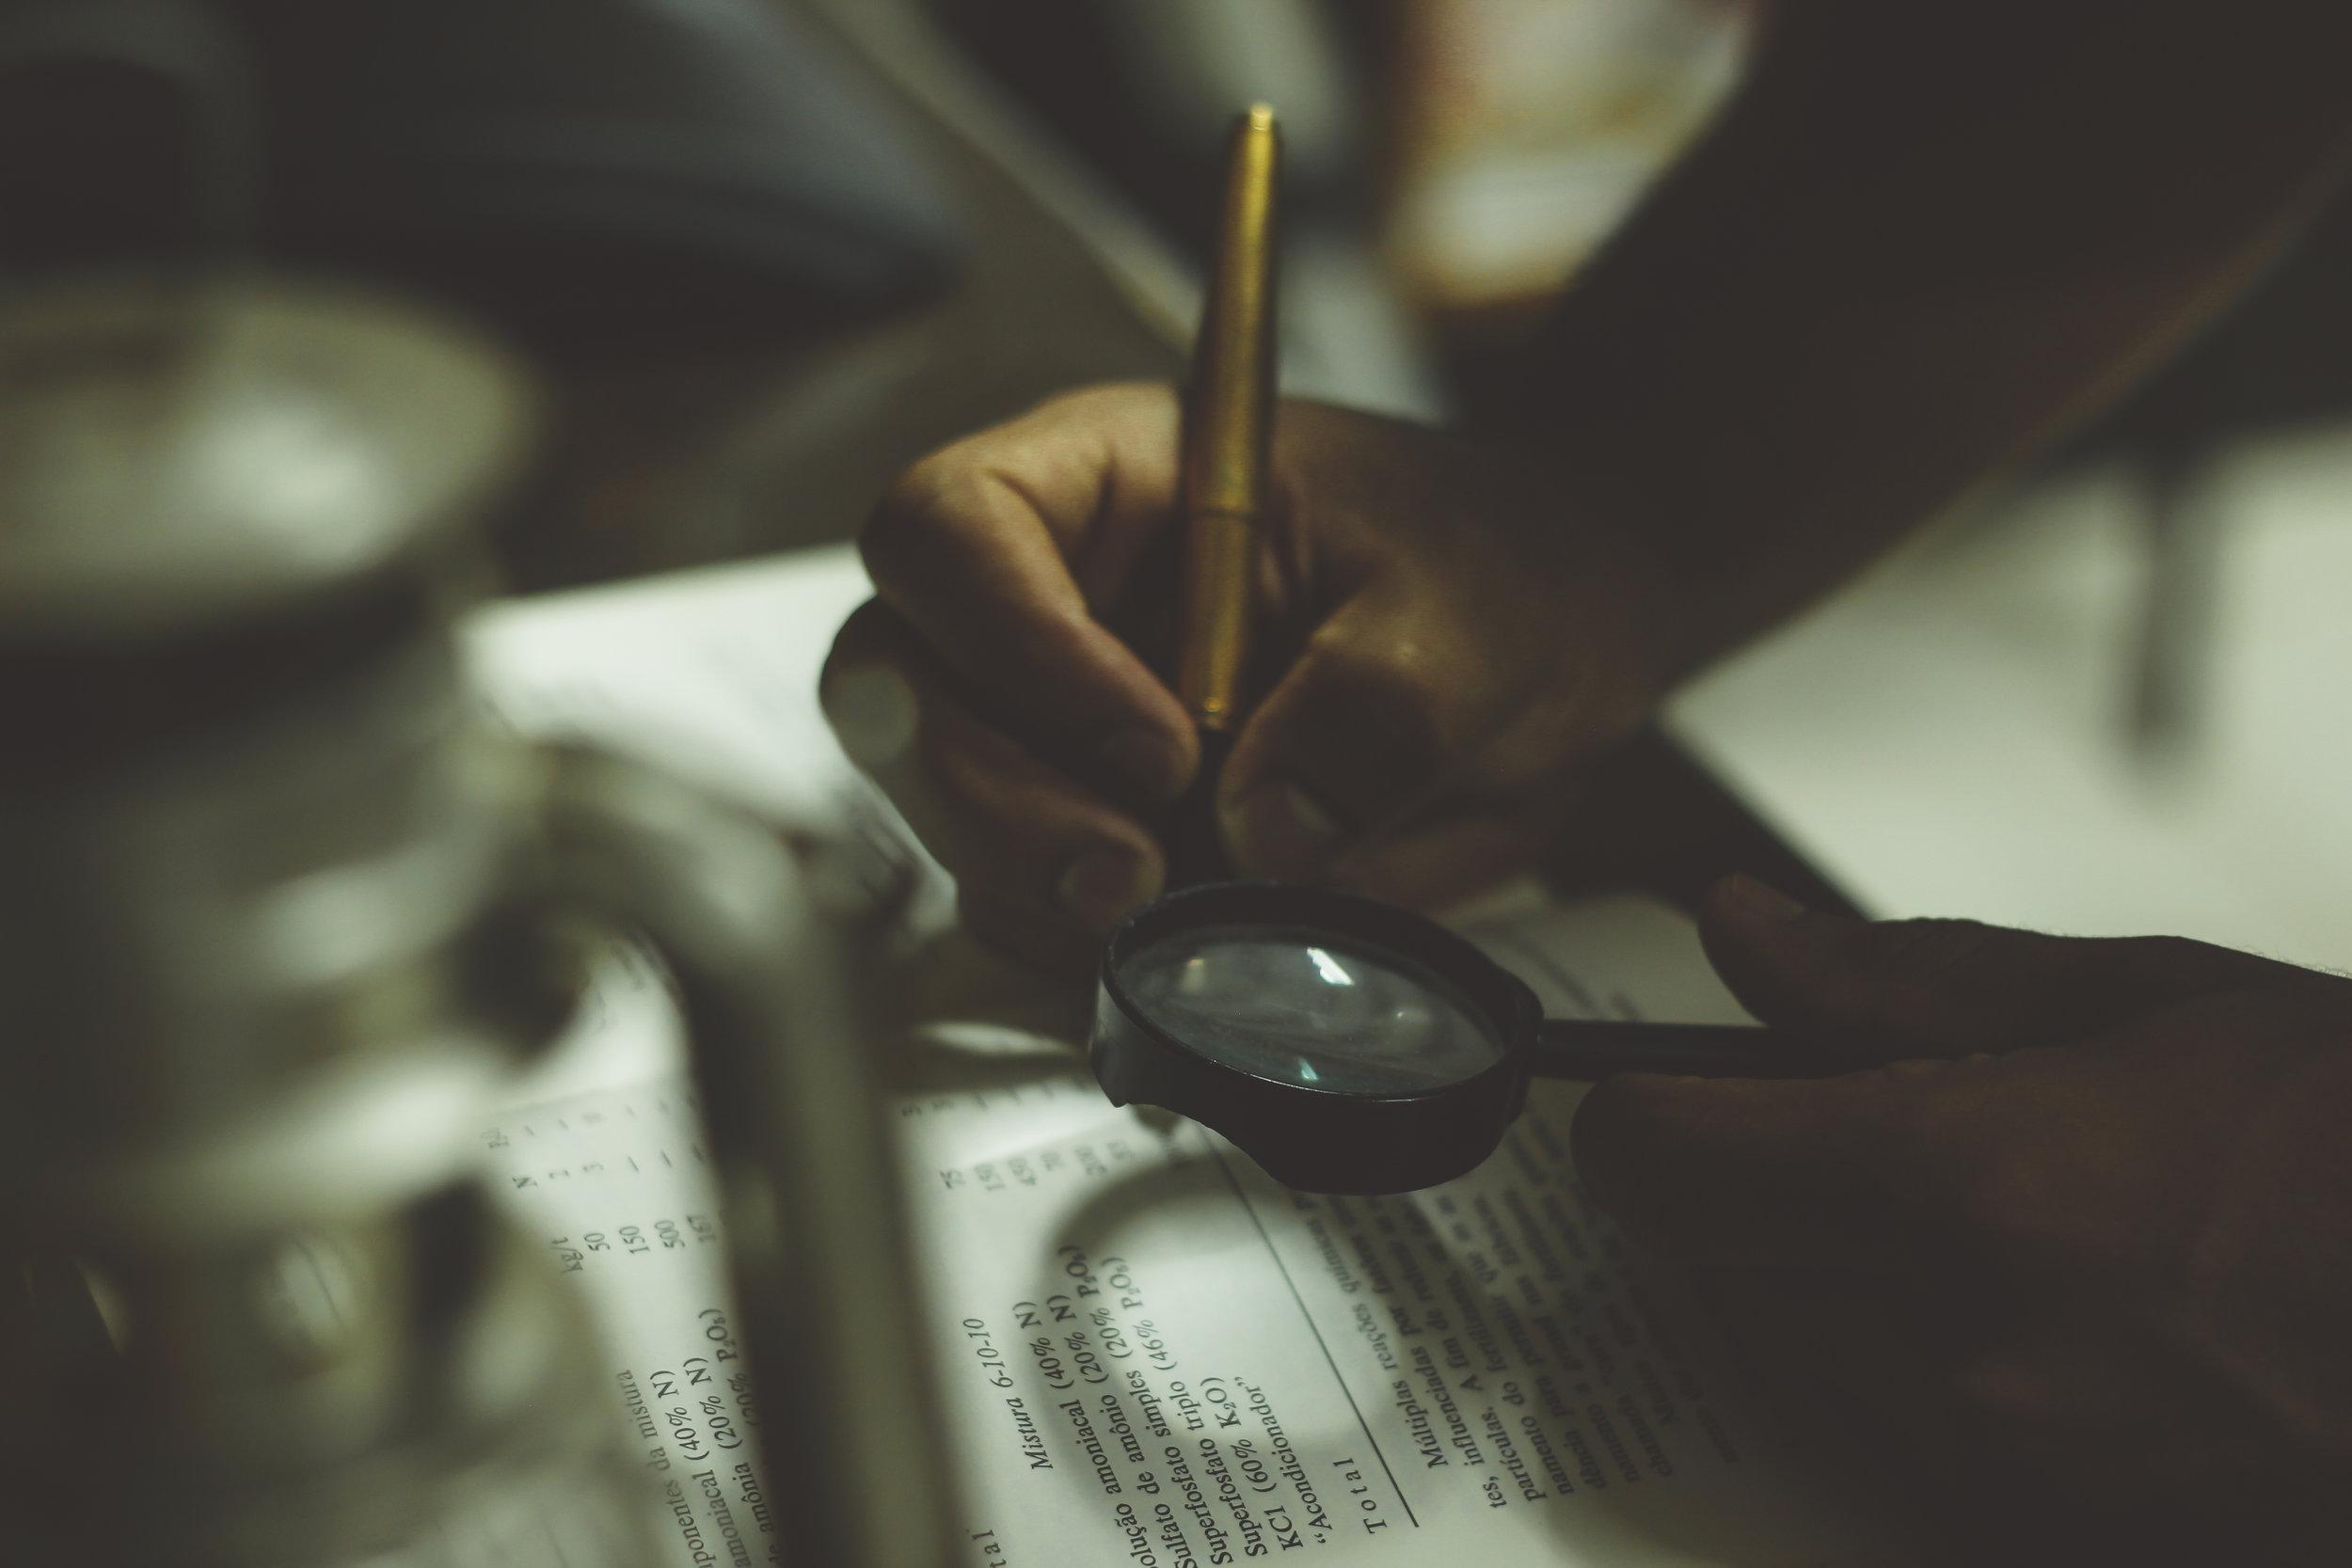 """Audit des communications - Une stratégie bien ancrée dans les tendances actuelles, l'audit permet de faire un tour d'horizon des forces et faiblesses de tous types d'organisations, la culture n'y fait pas exception. Son objectif :- Dresser un état des lieux de vos communications numériques et analyser les performances ;- Redéfinir votre """"persona"""" d'organisation et celui de vos publics cibles ;- Revoir les objectifs stratégiques et élaborer un plan tactique en communication numérique ;- Effectuer une veille concurrentielle ;- Évaluer les résultats et effectuer un suivi organisationnel."""